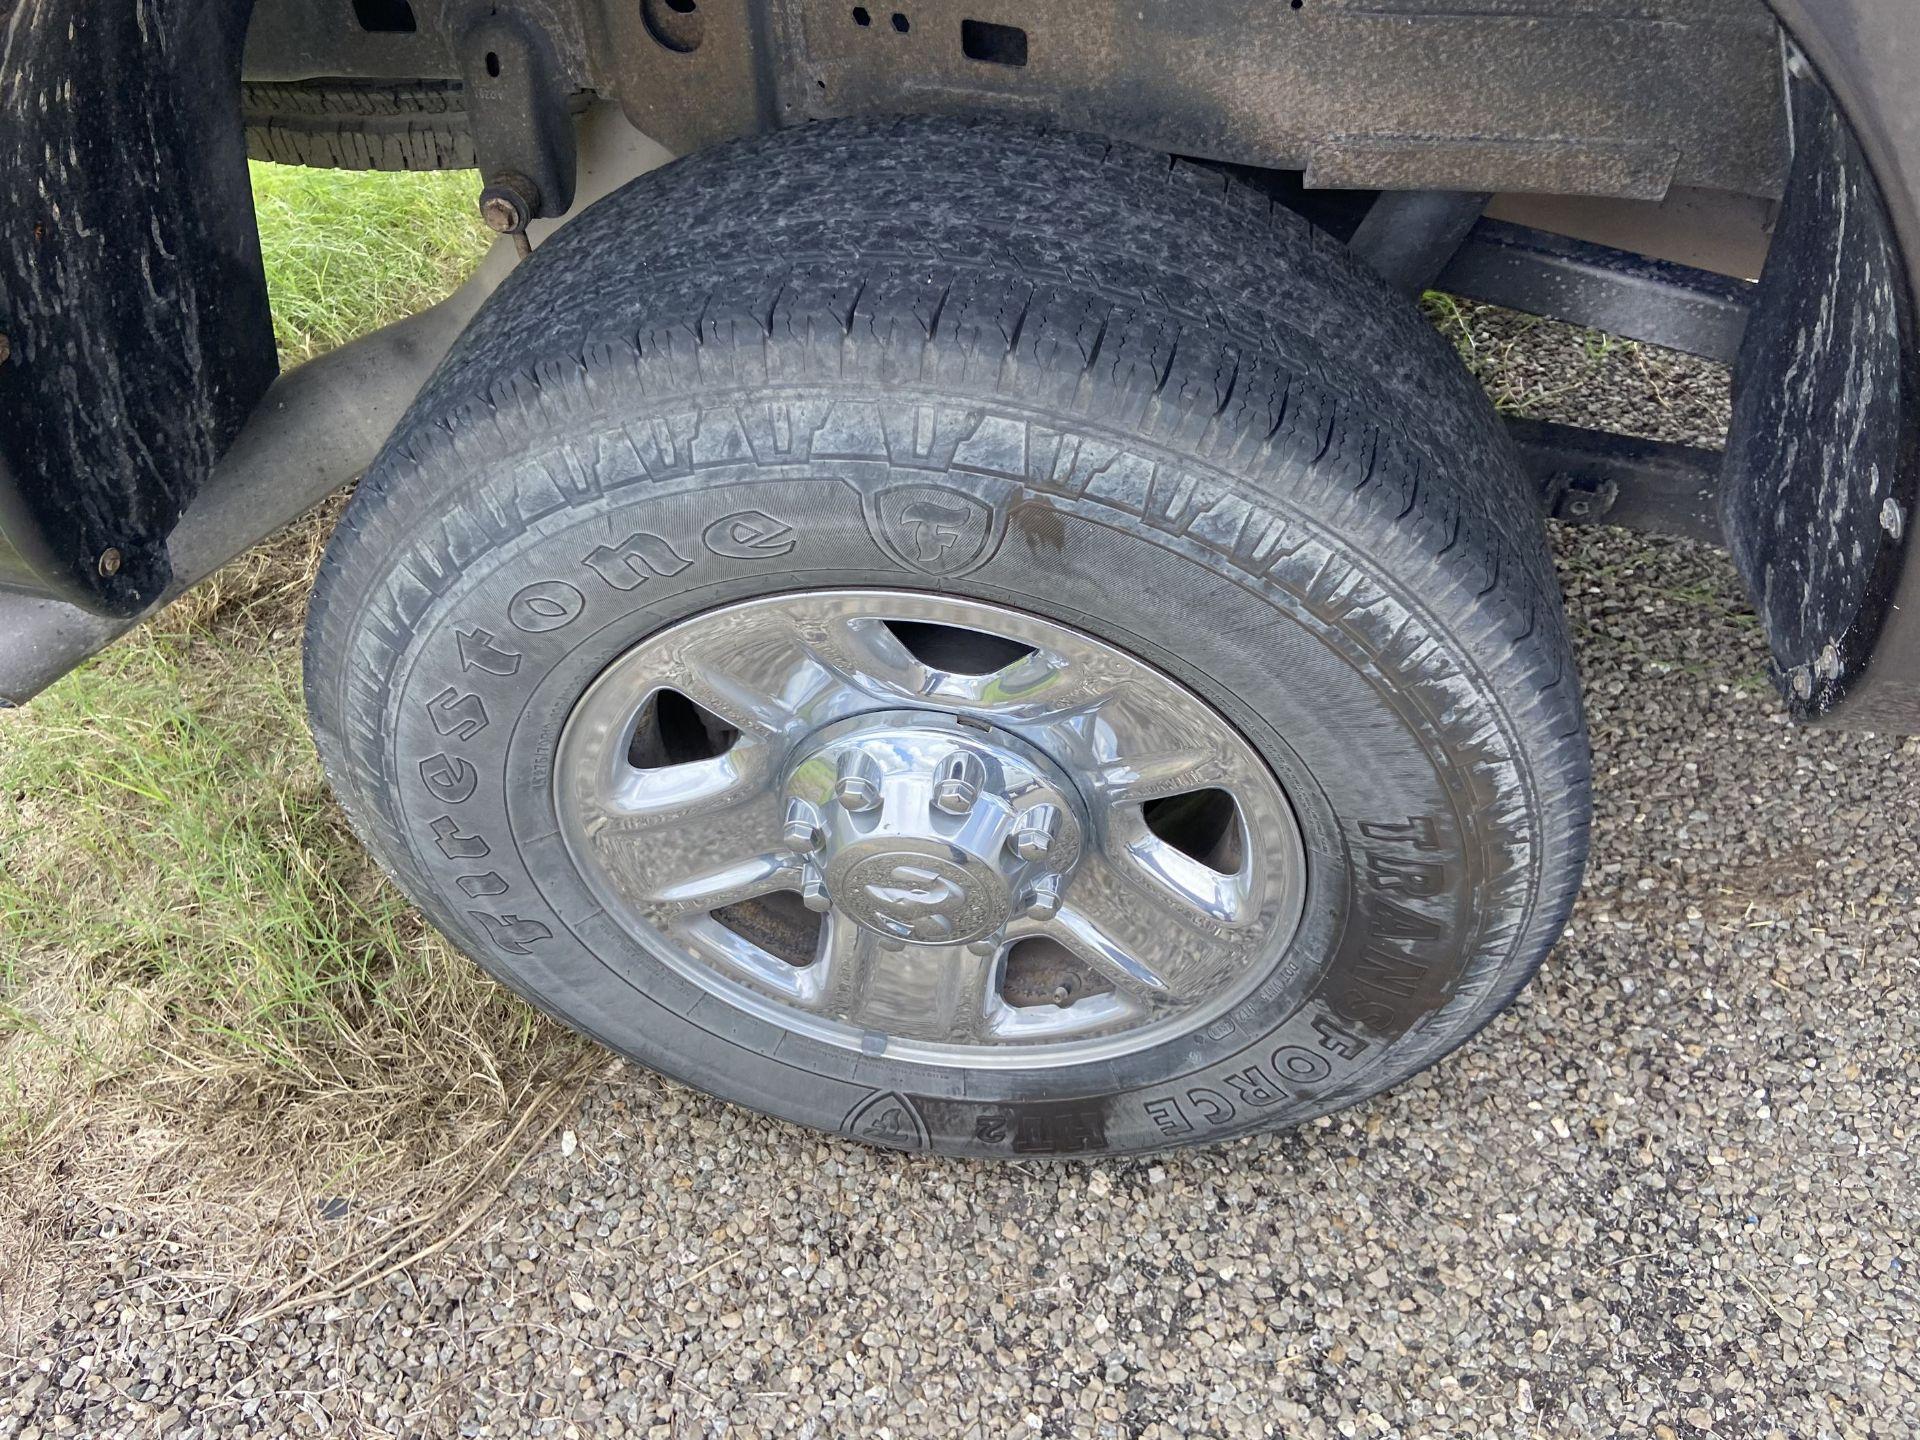 2013 Dodge Ram 2500 HD Crew Cab Long Bed, 251K Miles, Cloth, 4X4, Diesel, VIN # 3C6UR5HL1EG135730 - Image 9 of 17